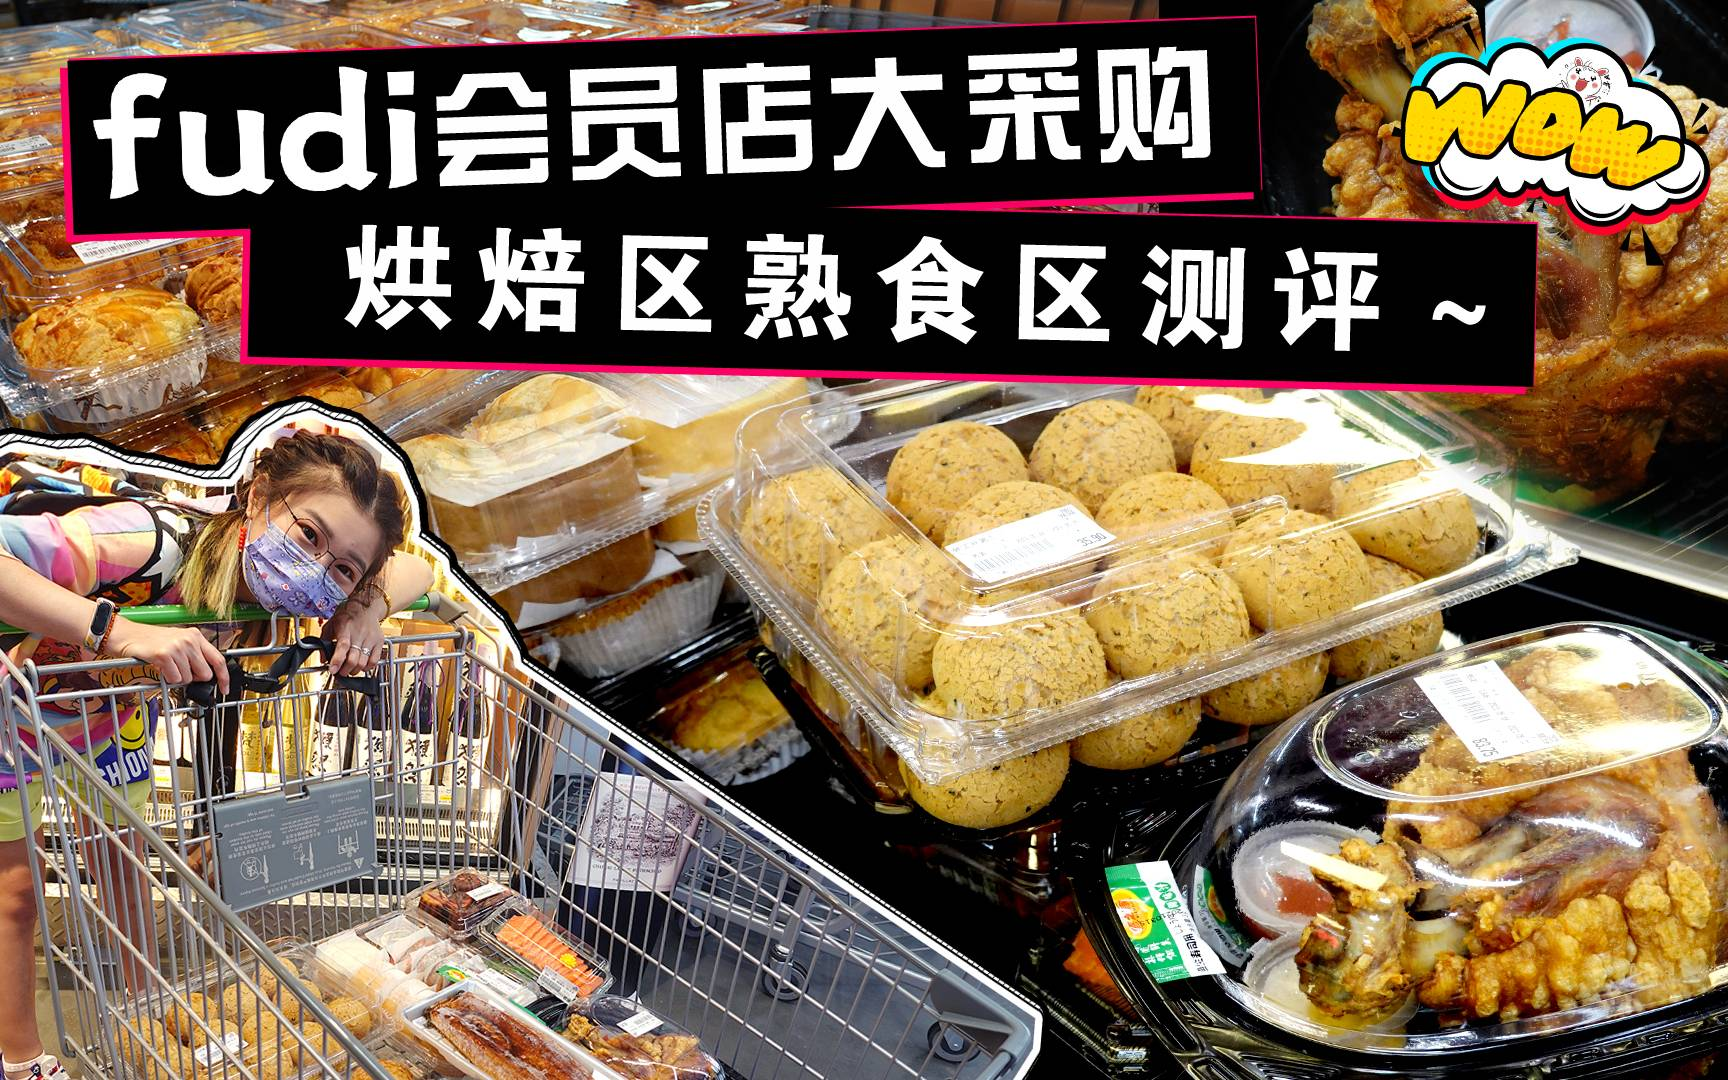 【逛吃北京】fudi会员超市测评!糕点烘焙、肉类熟食眼花缭乱